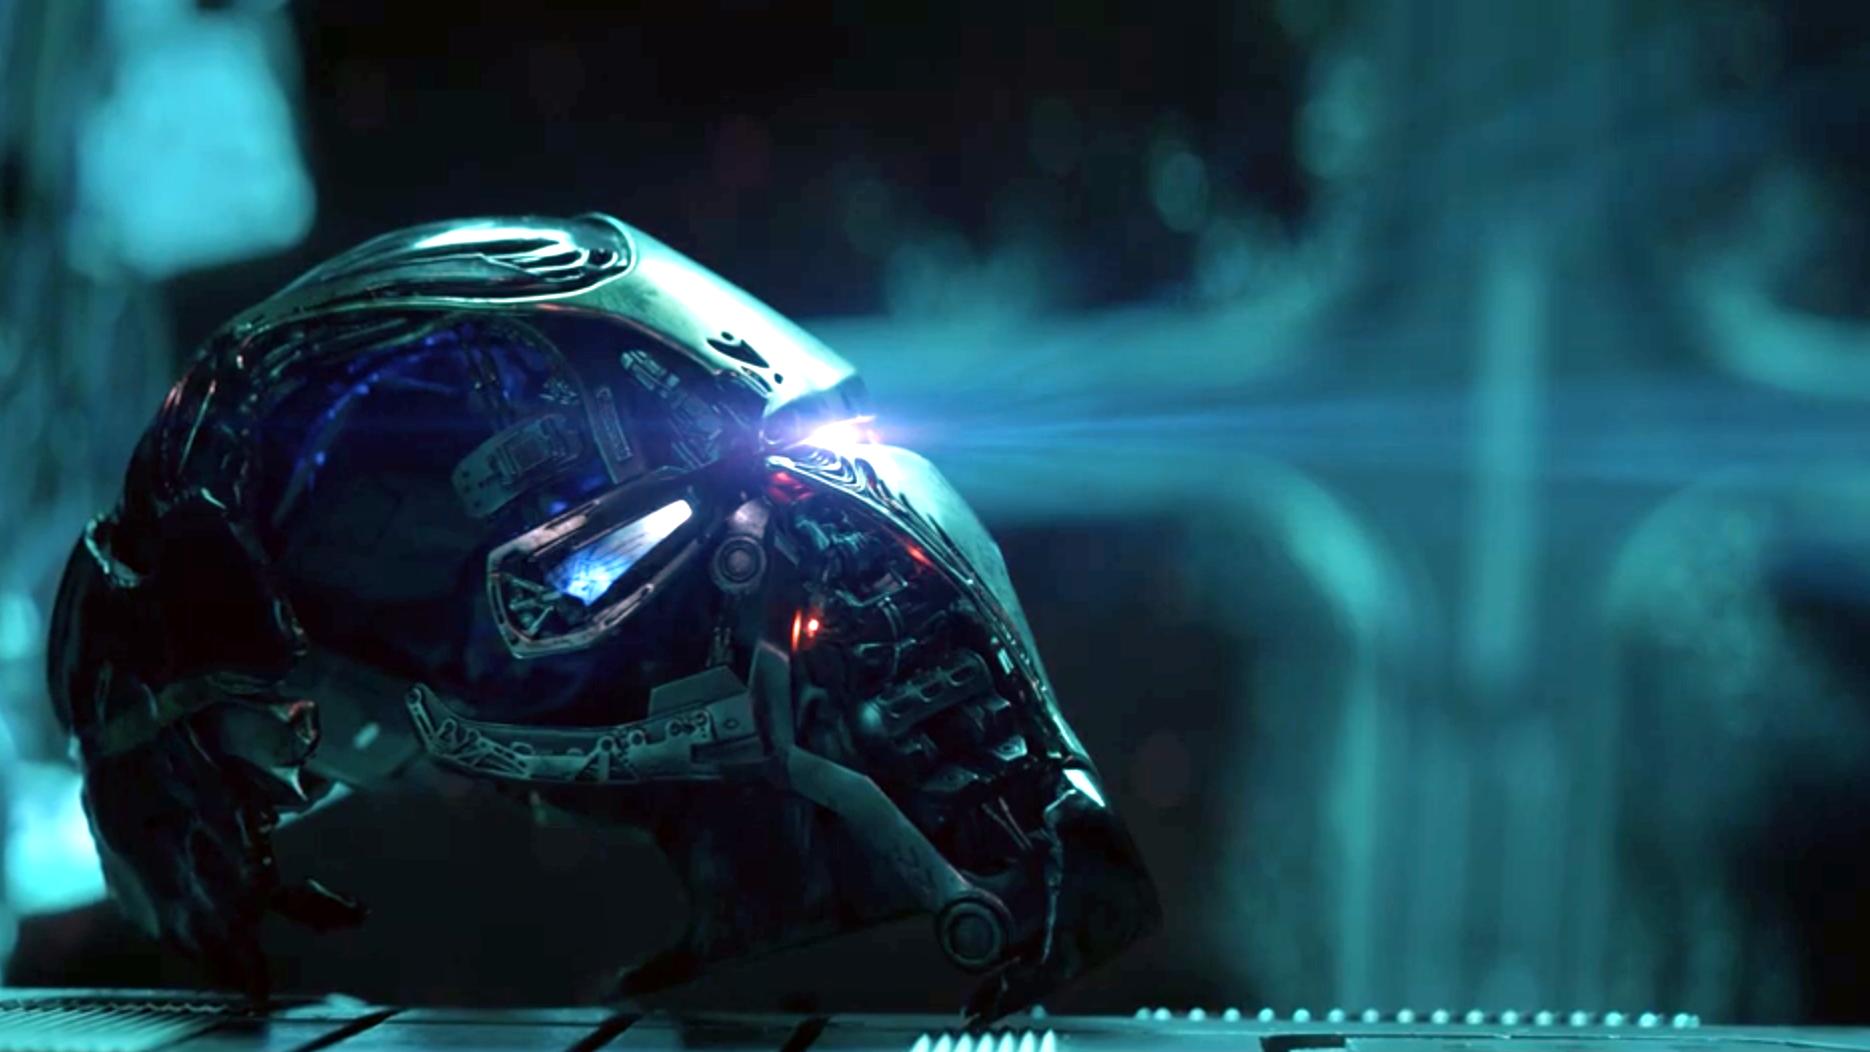 Endgame Trailer Photo: 'Avengers: Endgame' Trailer: Grim Before Ant-Man Arrives